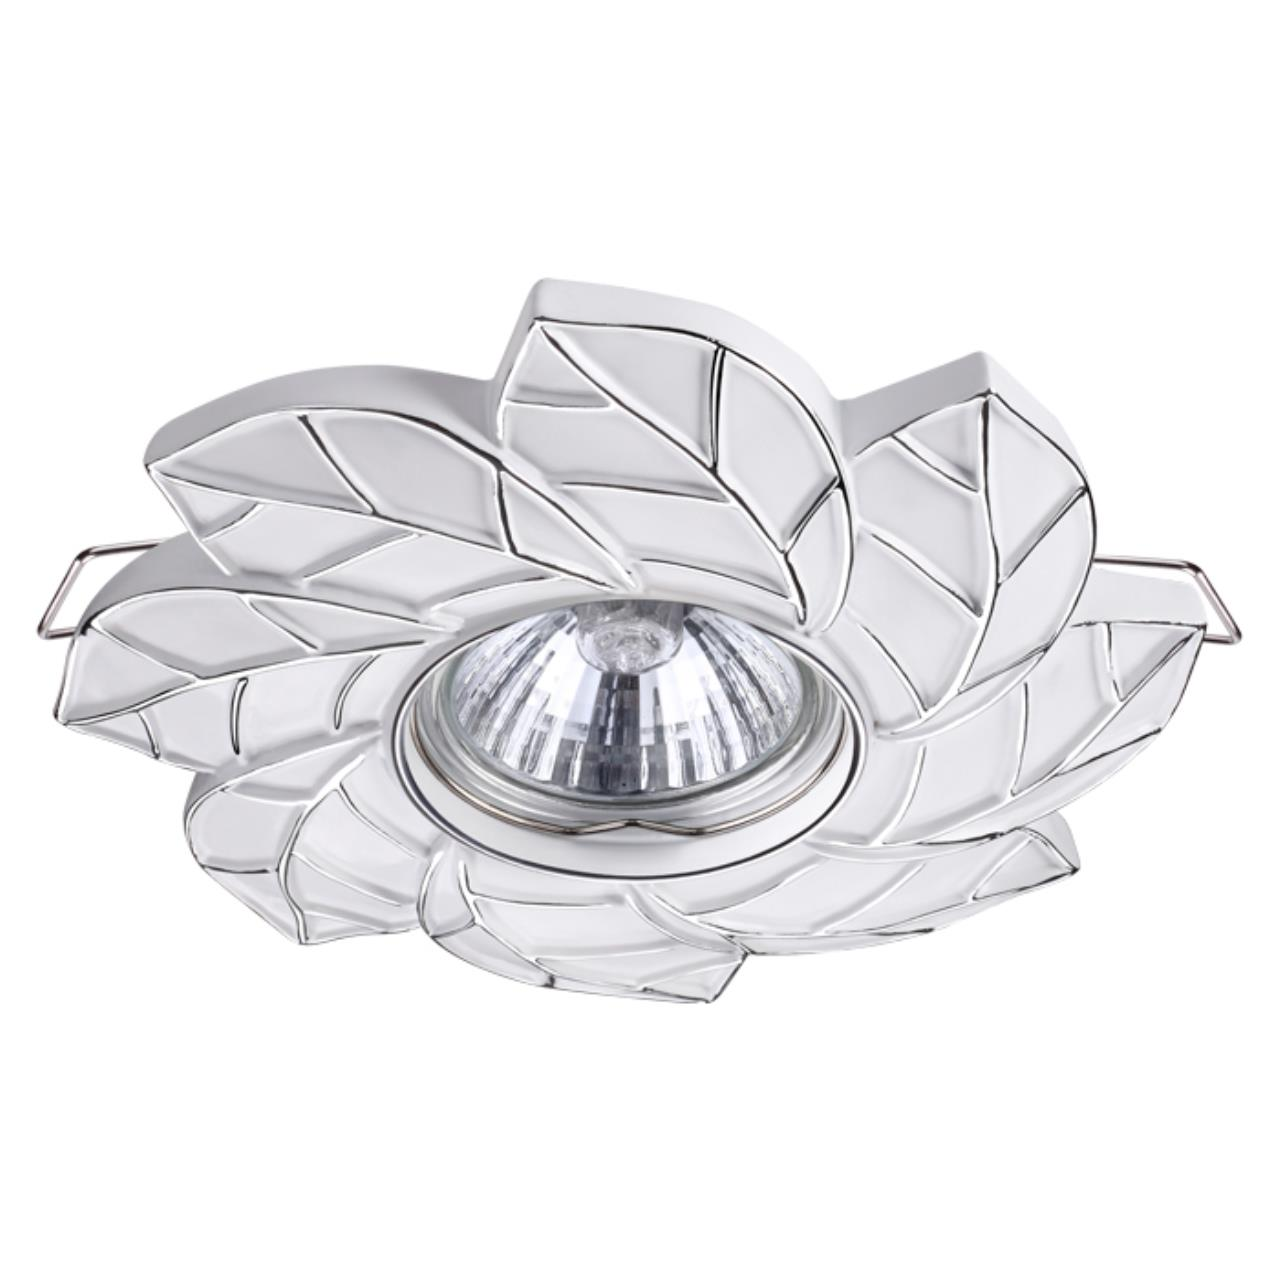 370488 SPOT NT19 115 белый/серебро Встраиваемый светильник IP20 GU10 50W 220V PATTERN